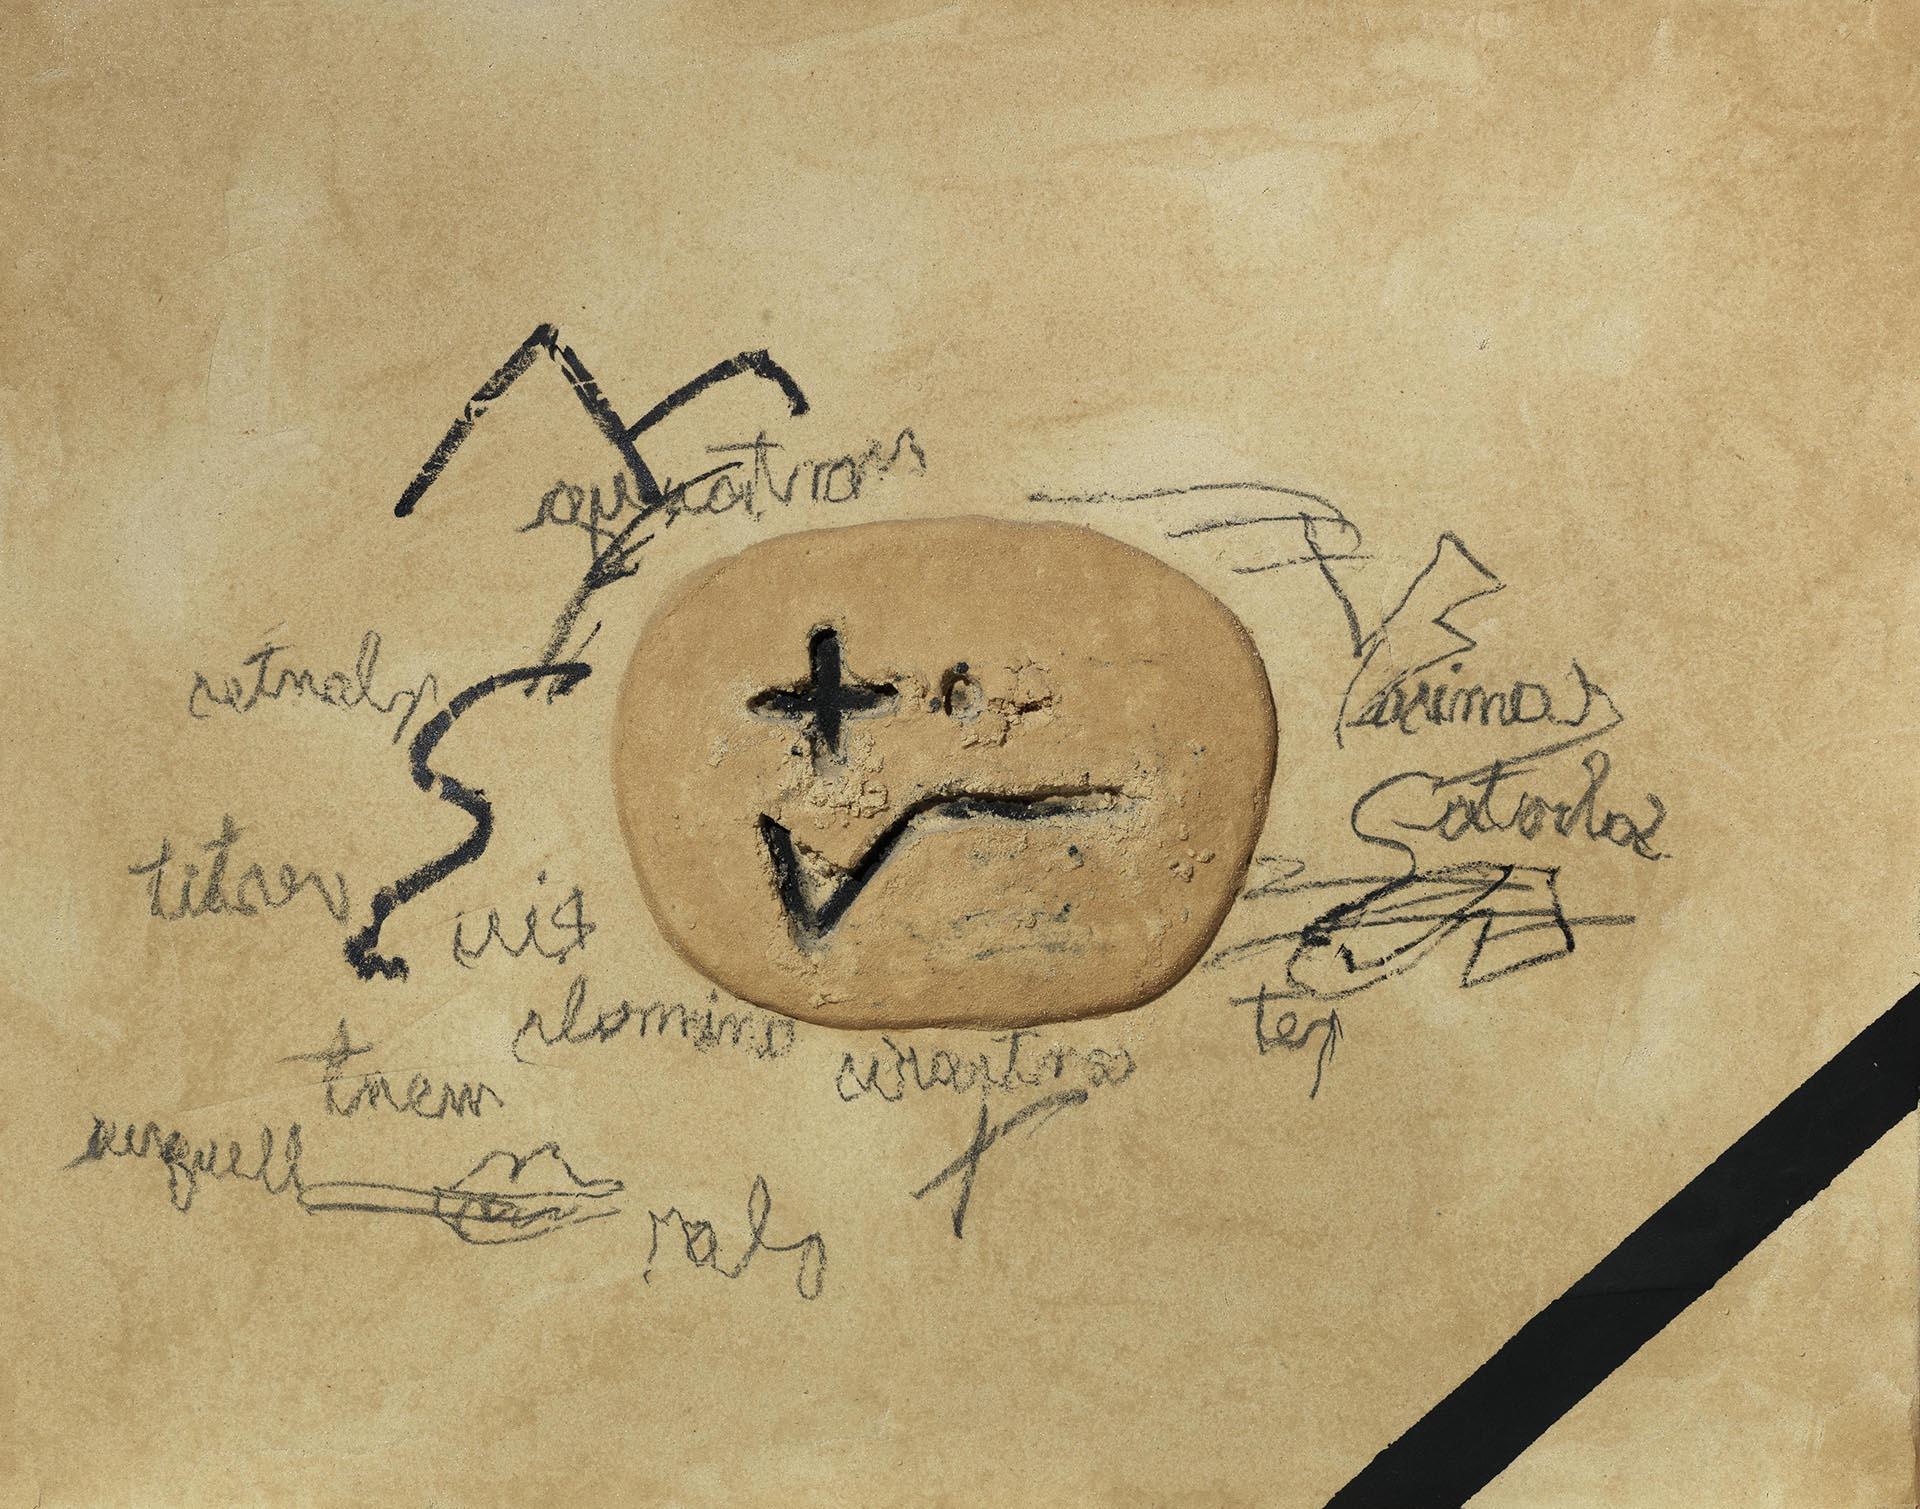 Tàpies, Signes i escrits, 2005, 114x146 cm